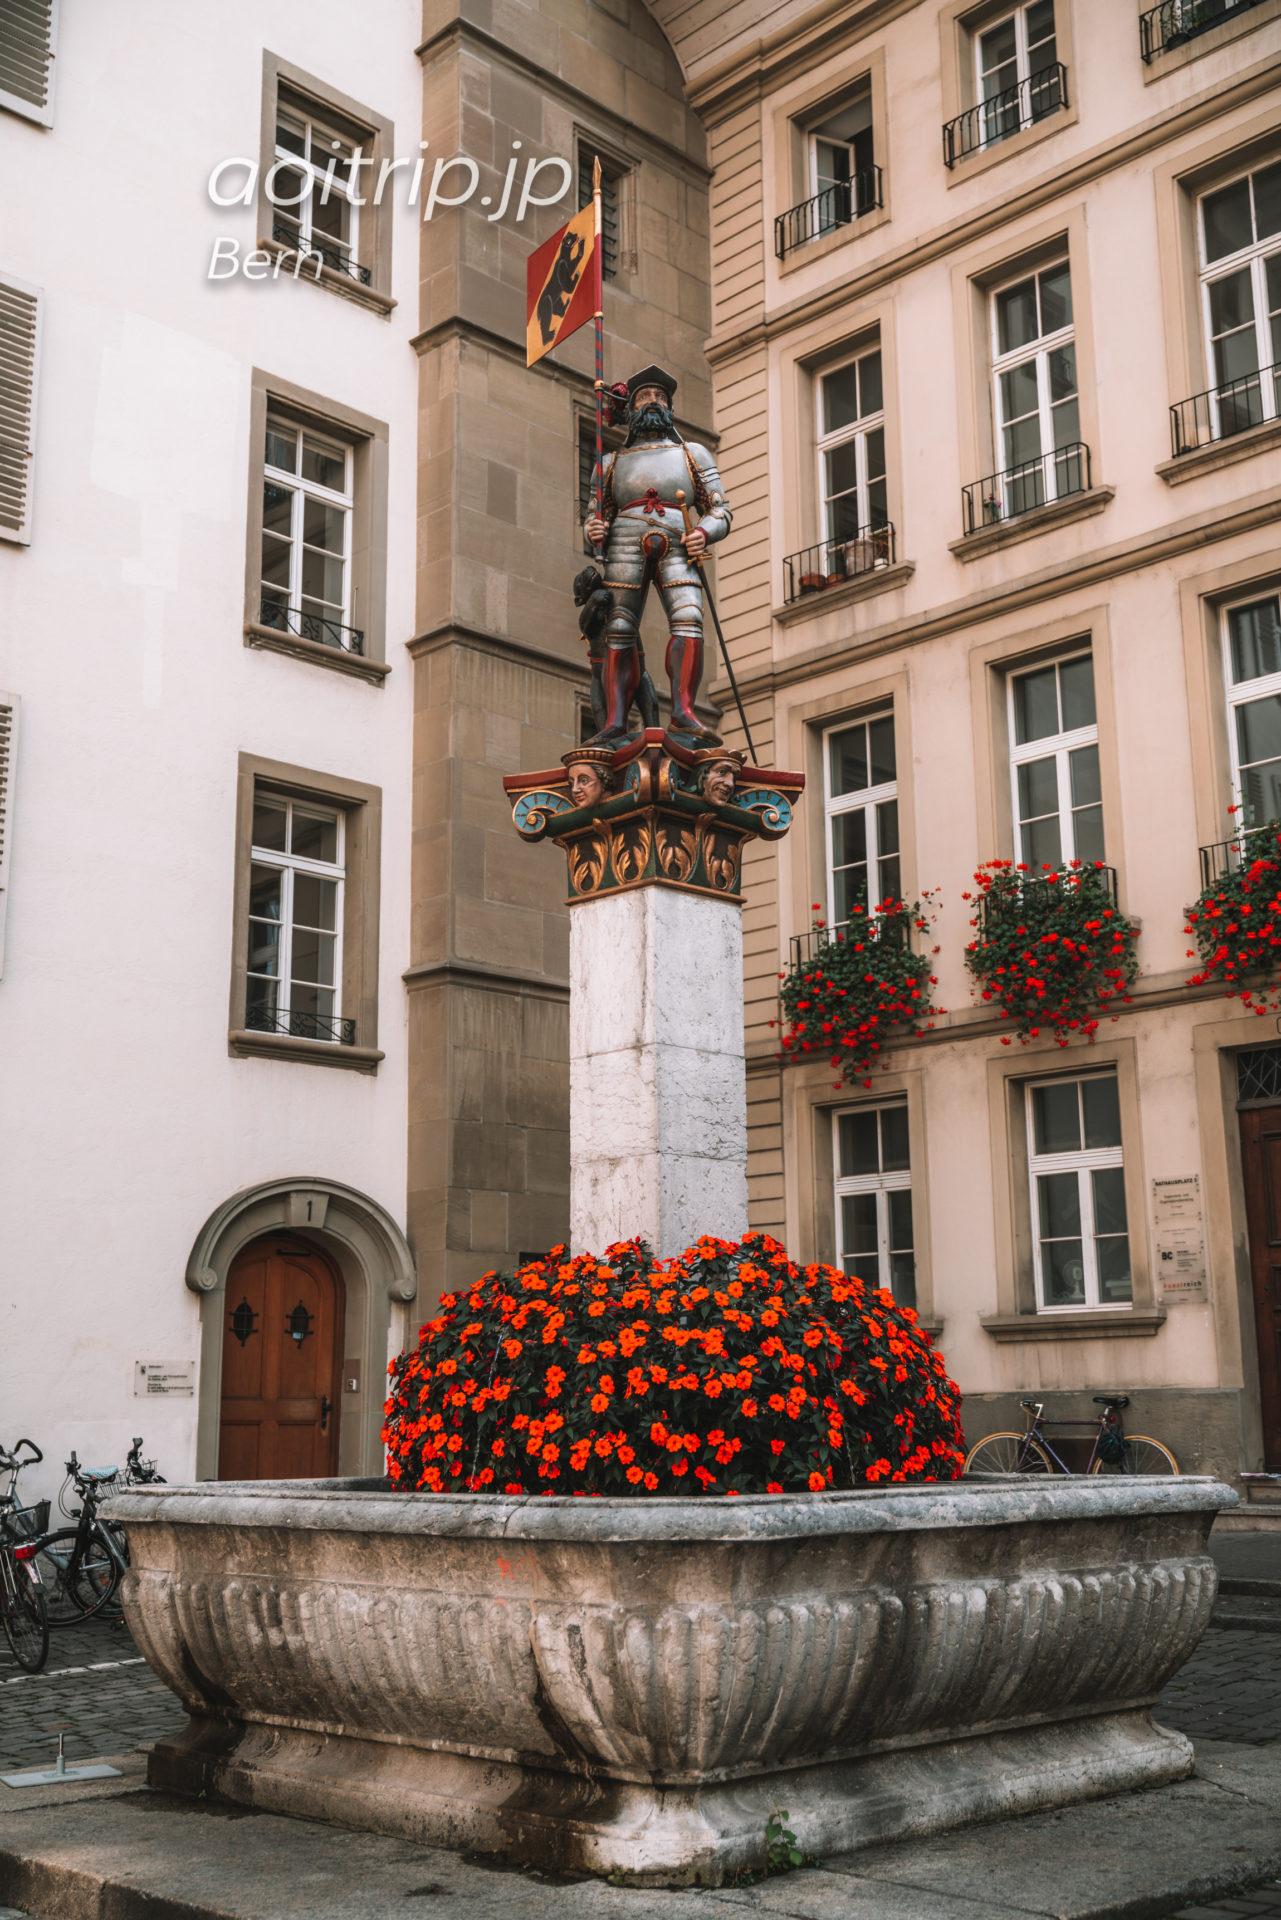 ベルンの噴水 旗手の噴水(独:Vennerbrunnen 英:Ensign Fountain)